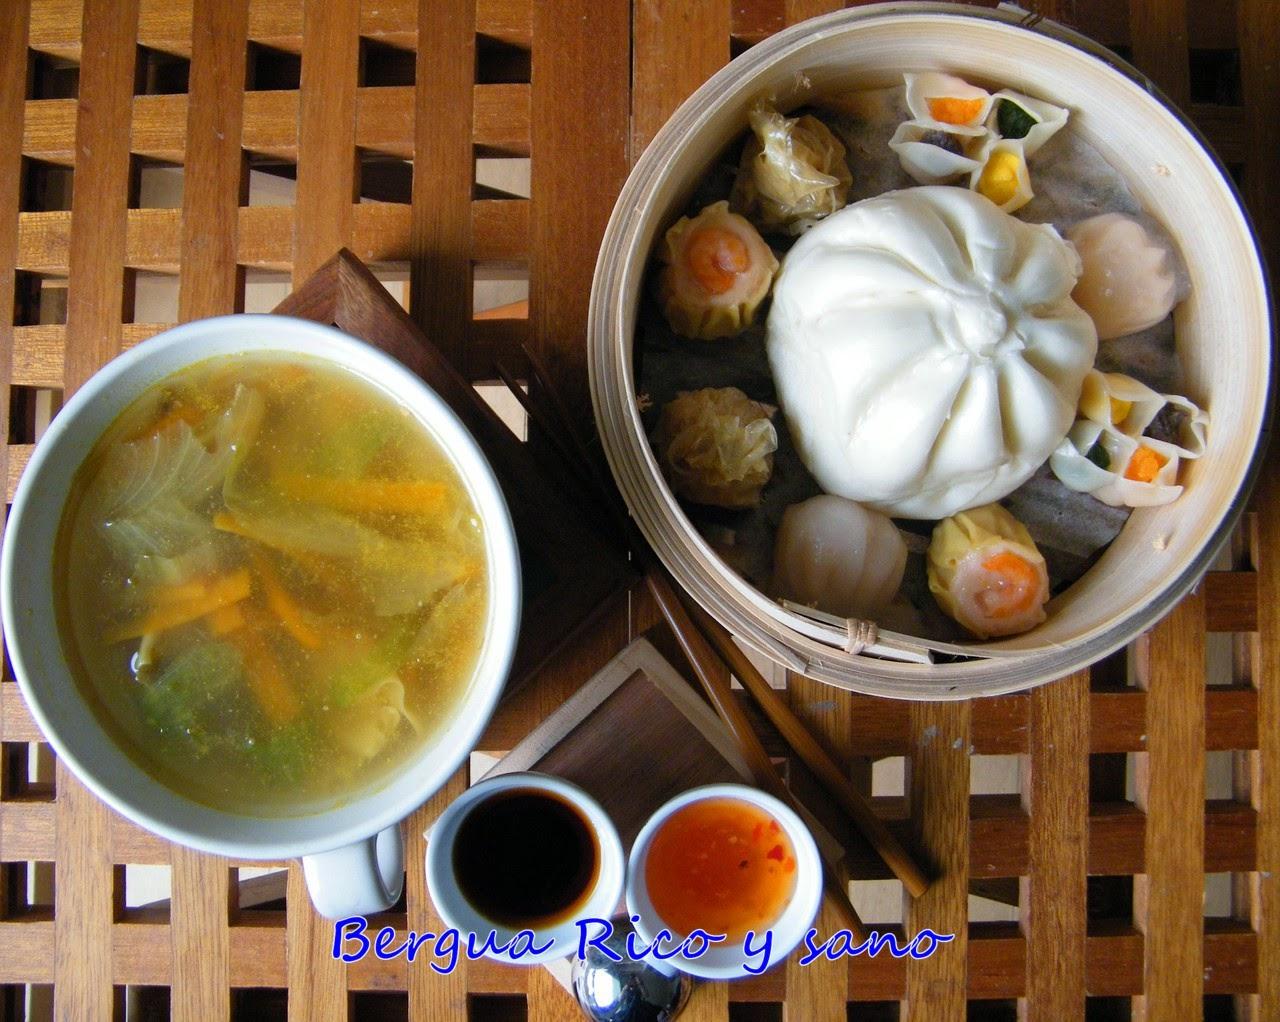 Comer rico y sano: Sopa con dim sum - photo#24